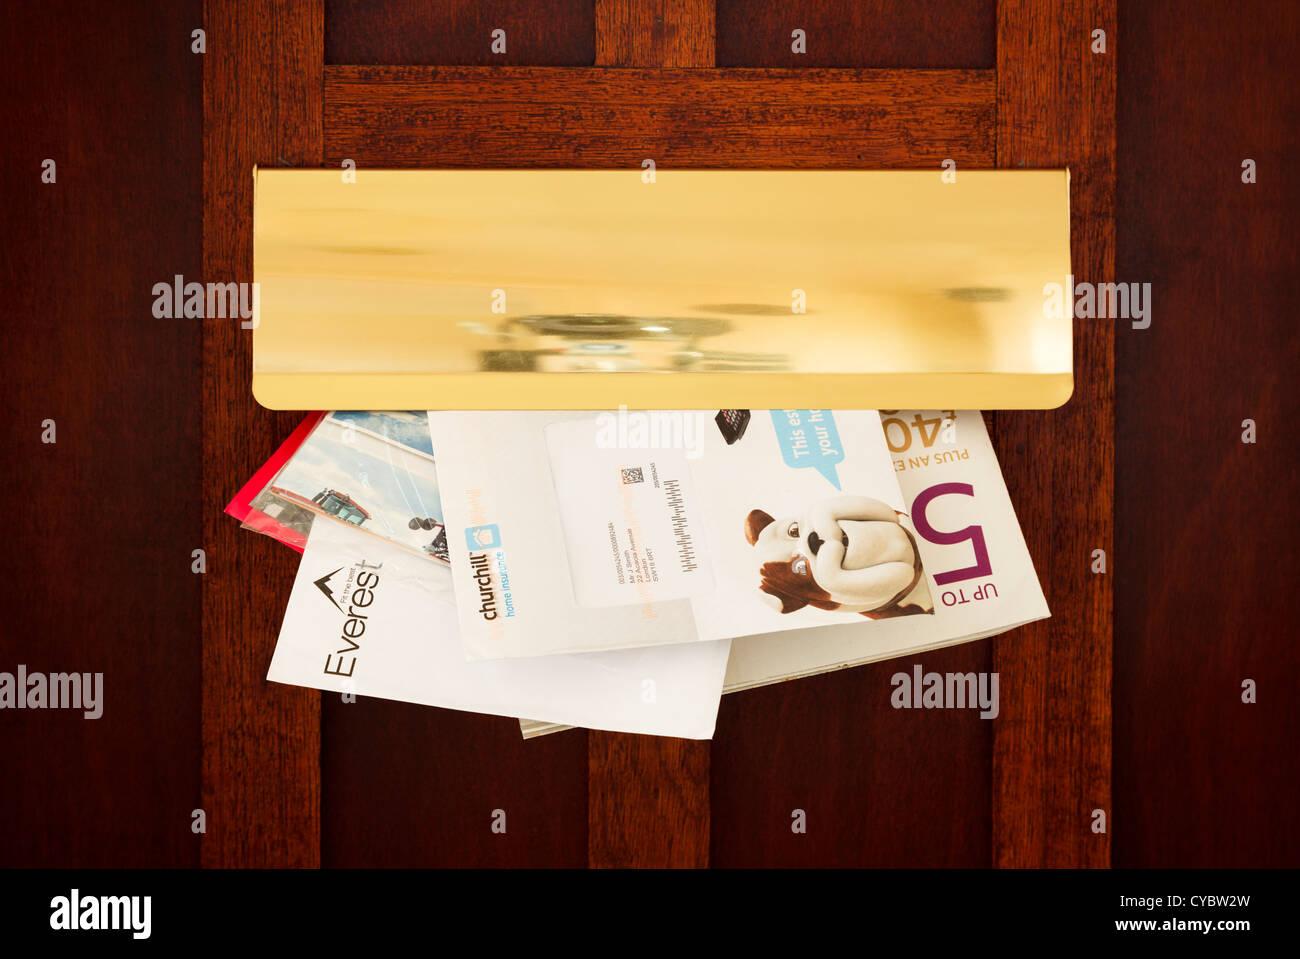 Cartas y correo basura que entra a través de una carta de verificación, UK - detalles modificados para Imagen De Stock